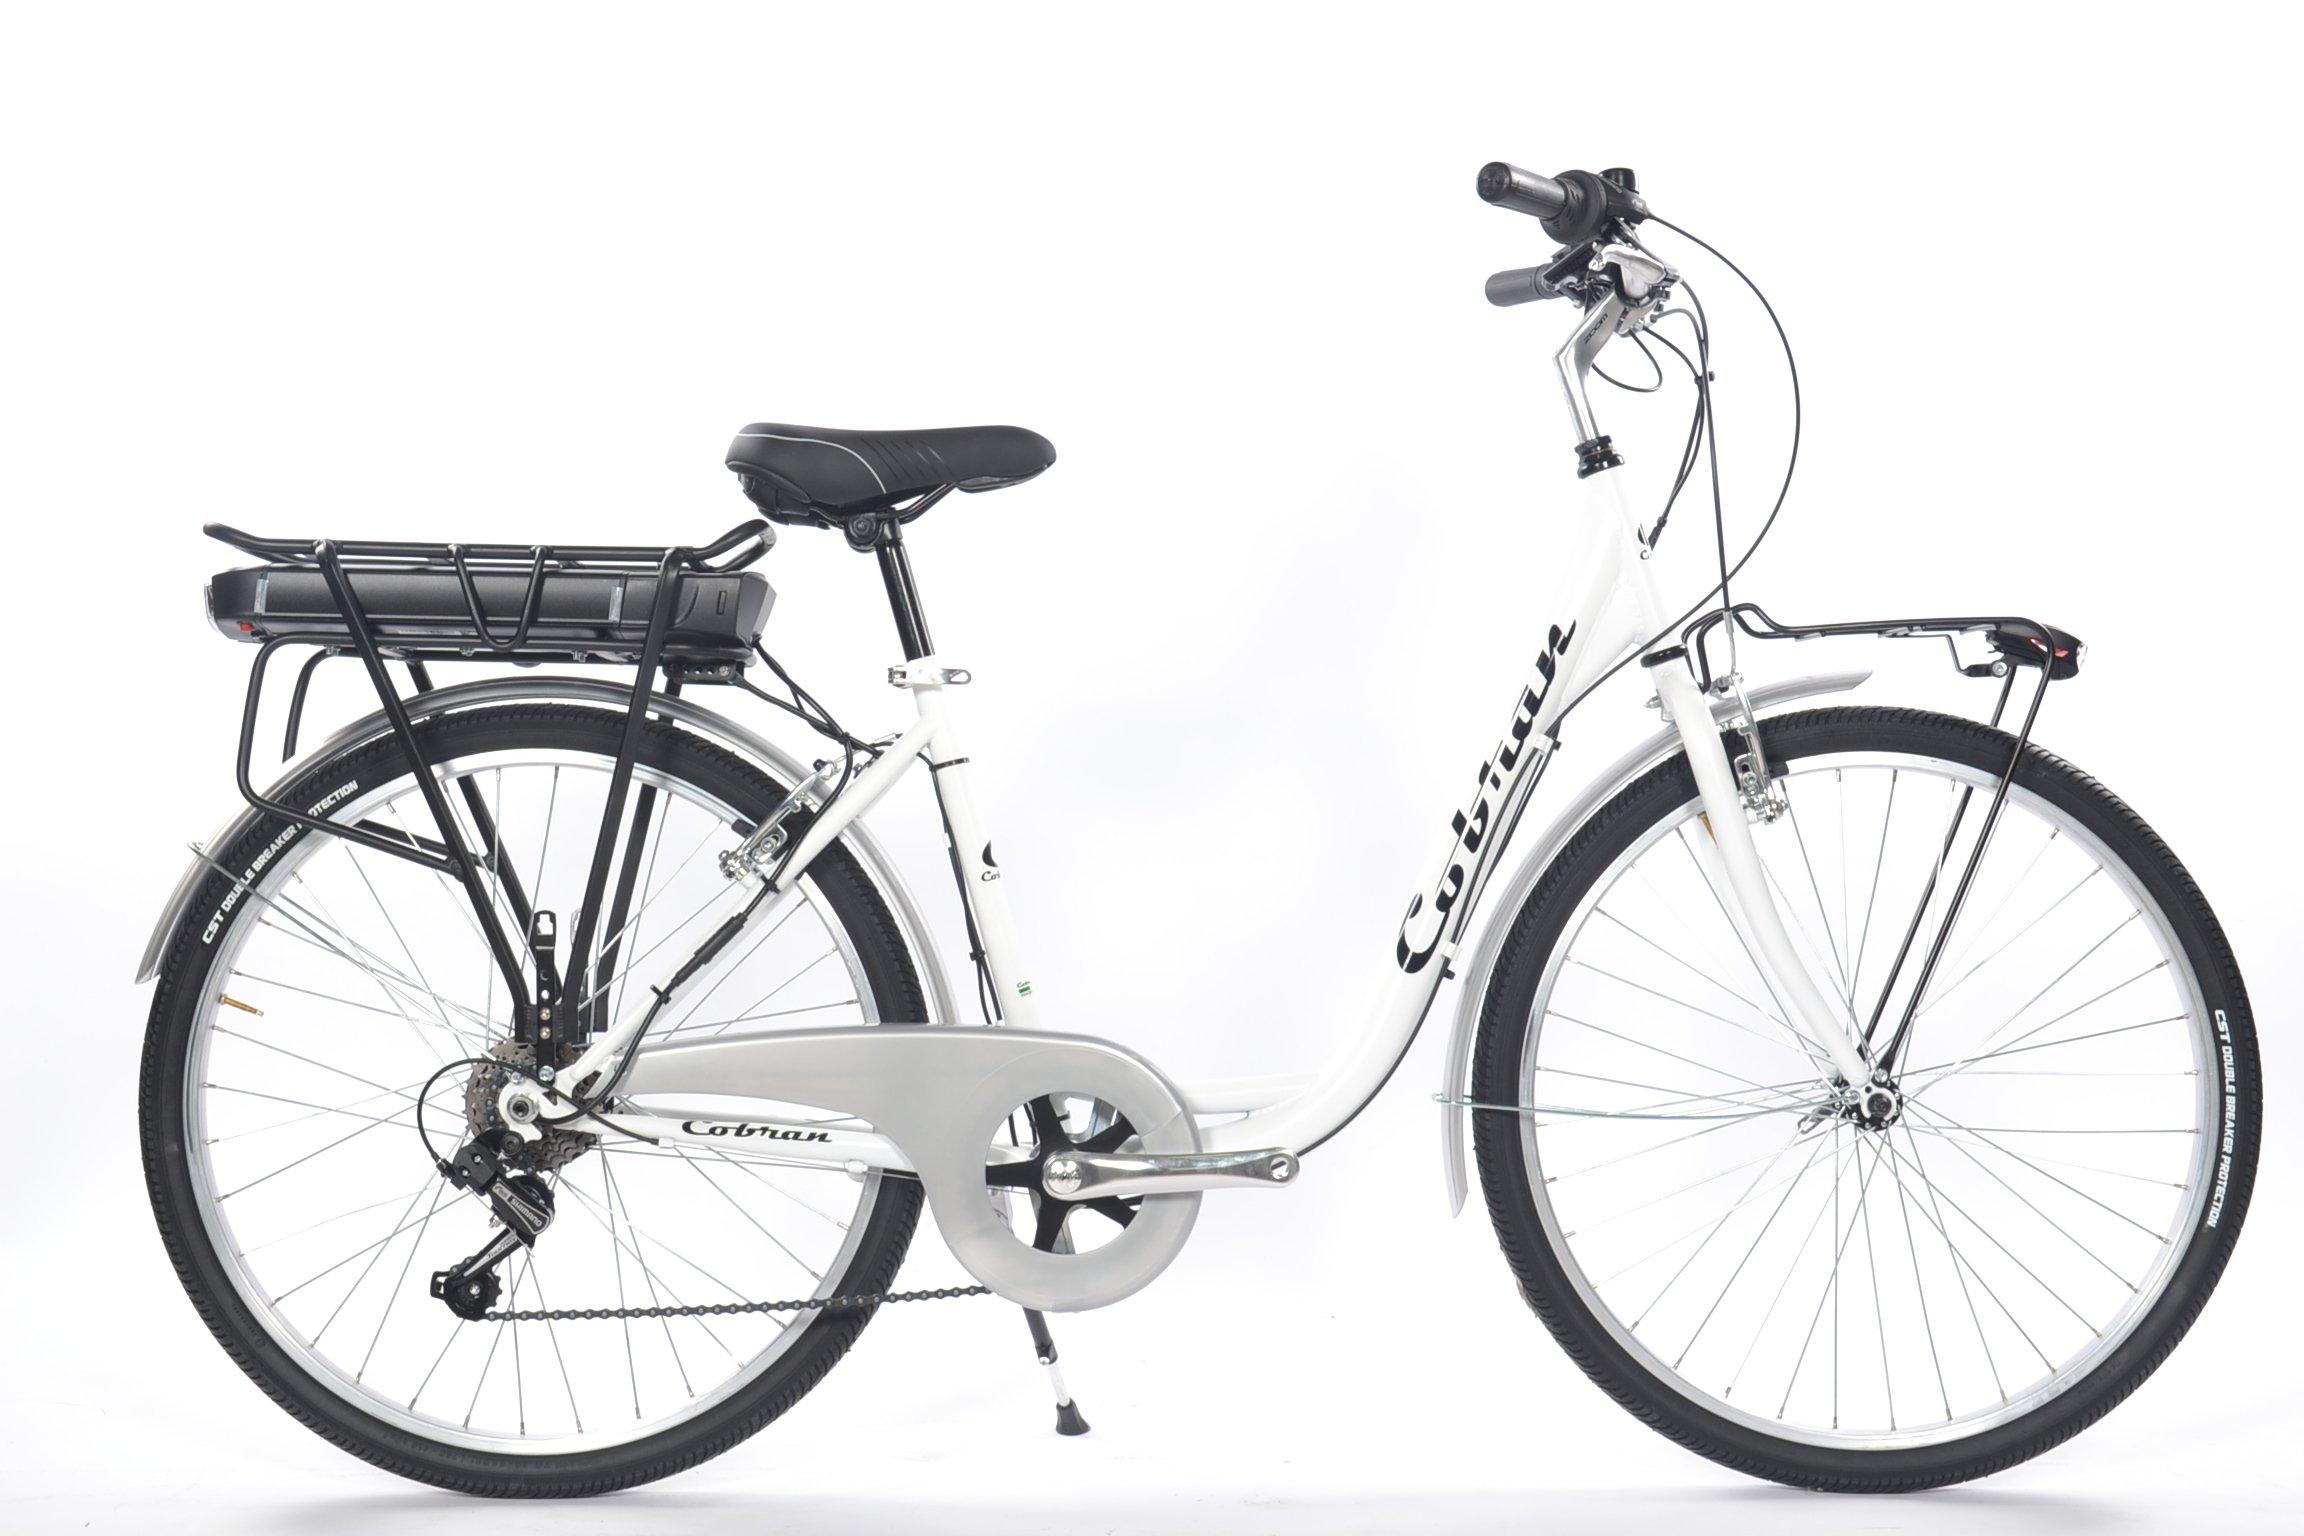 Linea bici elettriche cobran biciclette online for Bici elettrica assistita